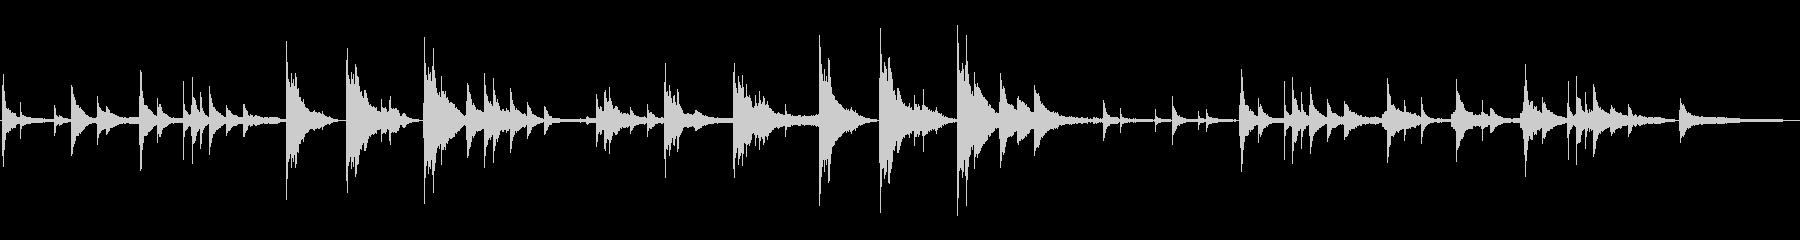 静けさやリラックスを感じるピアノBGMの未再生の波形